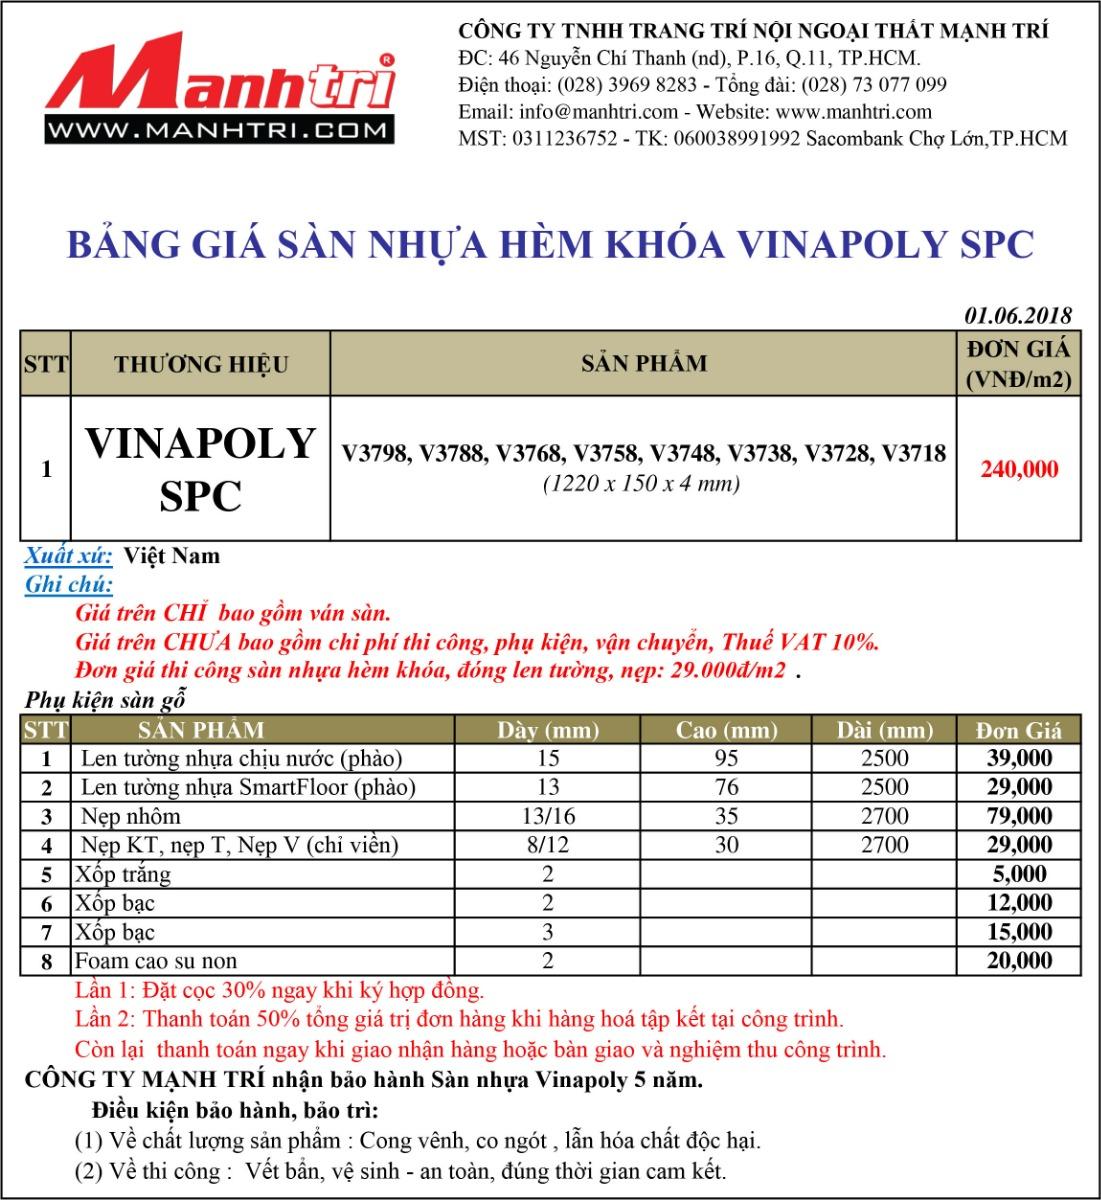 Bảng giá sàn nhựa hèm khóa Vinapoly SPC